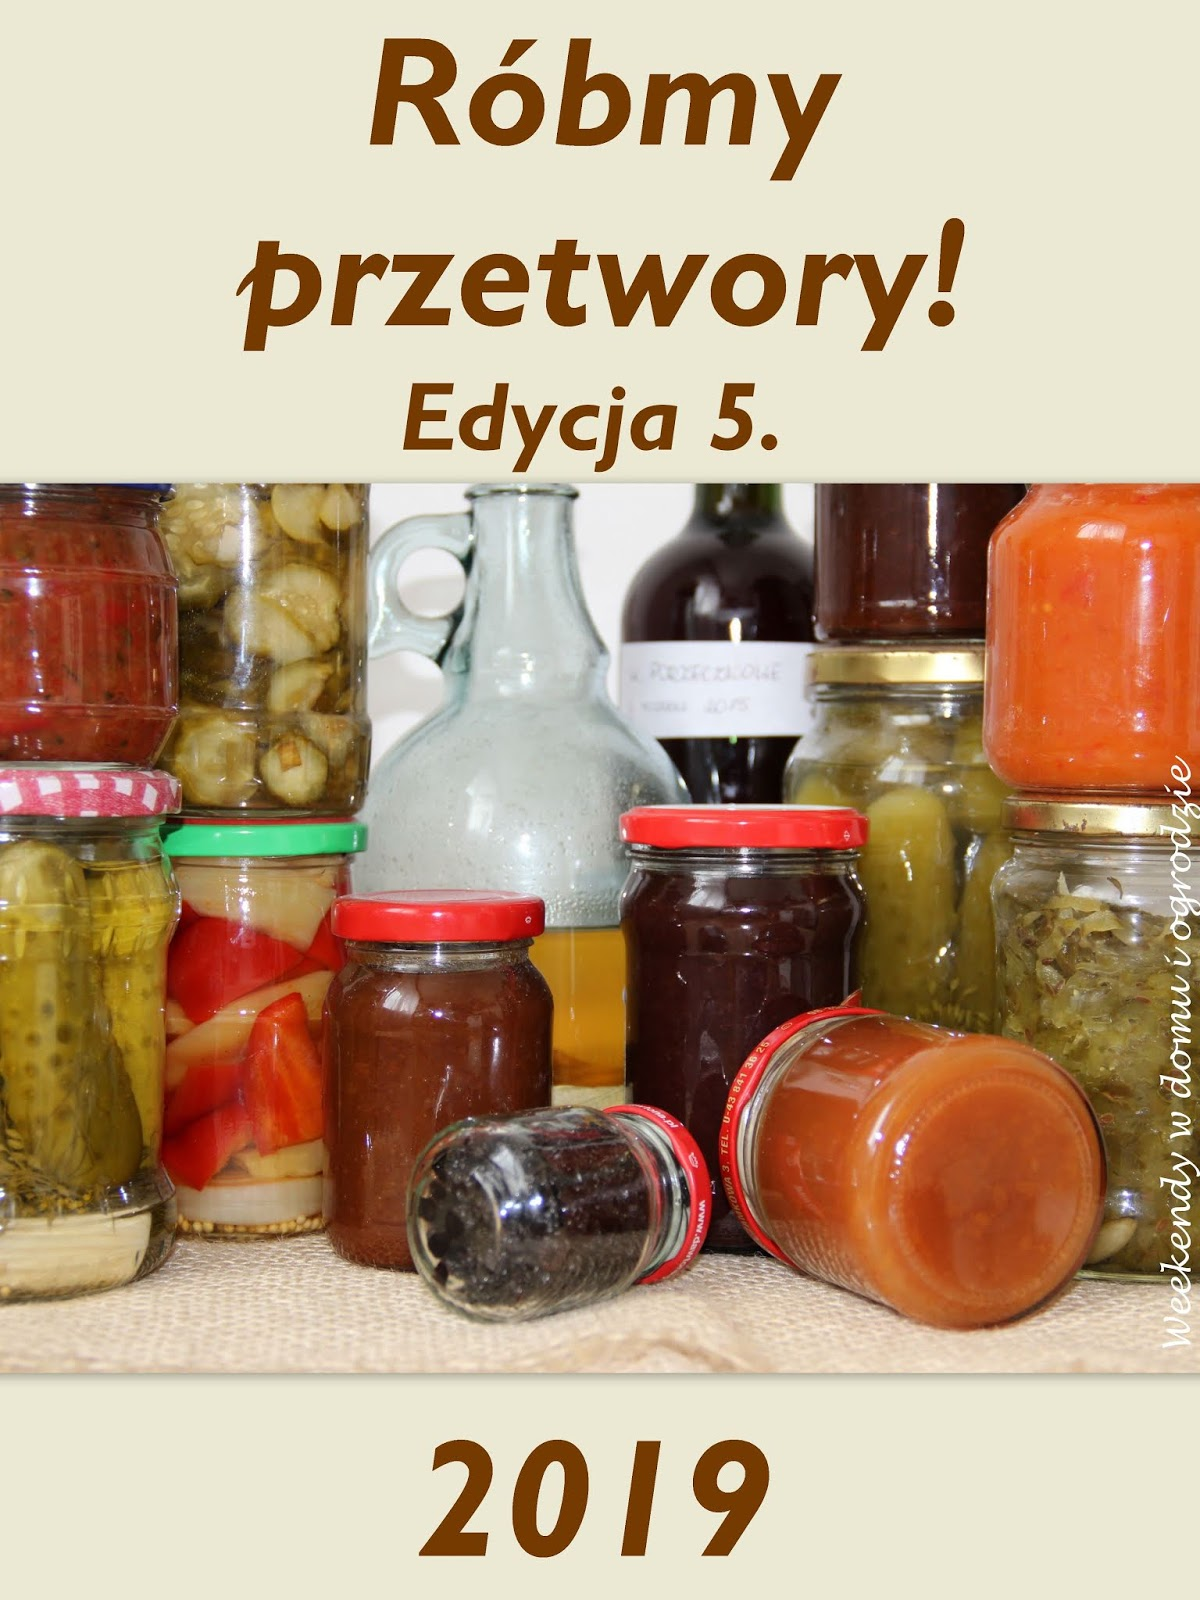 https://weekendywdomuiogrodzie.blogspot.com/2019/06/robmy-przetwory-5-zaproszenie-do-udziau.html